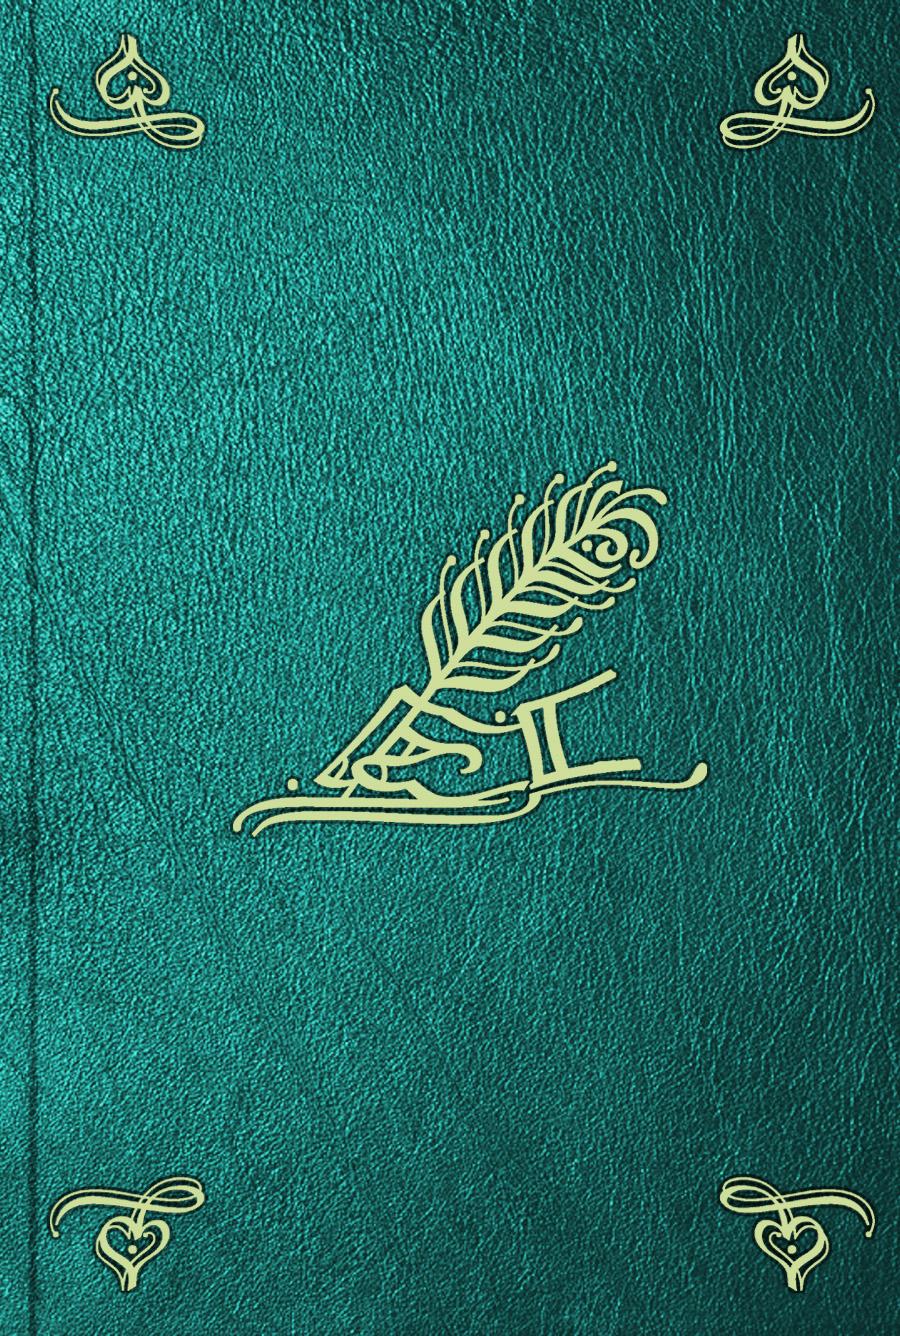 Comte de Buffon Georges Louis Leclerc Histoire naturelle. T. 4. Matieres generales comte de buffon georges louis leclerc oeuvres complètes t 3